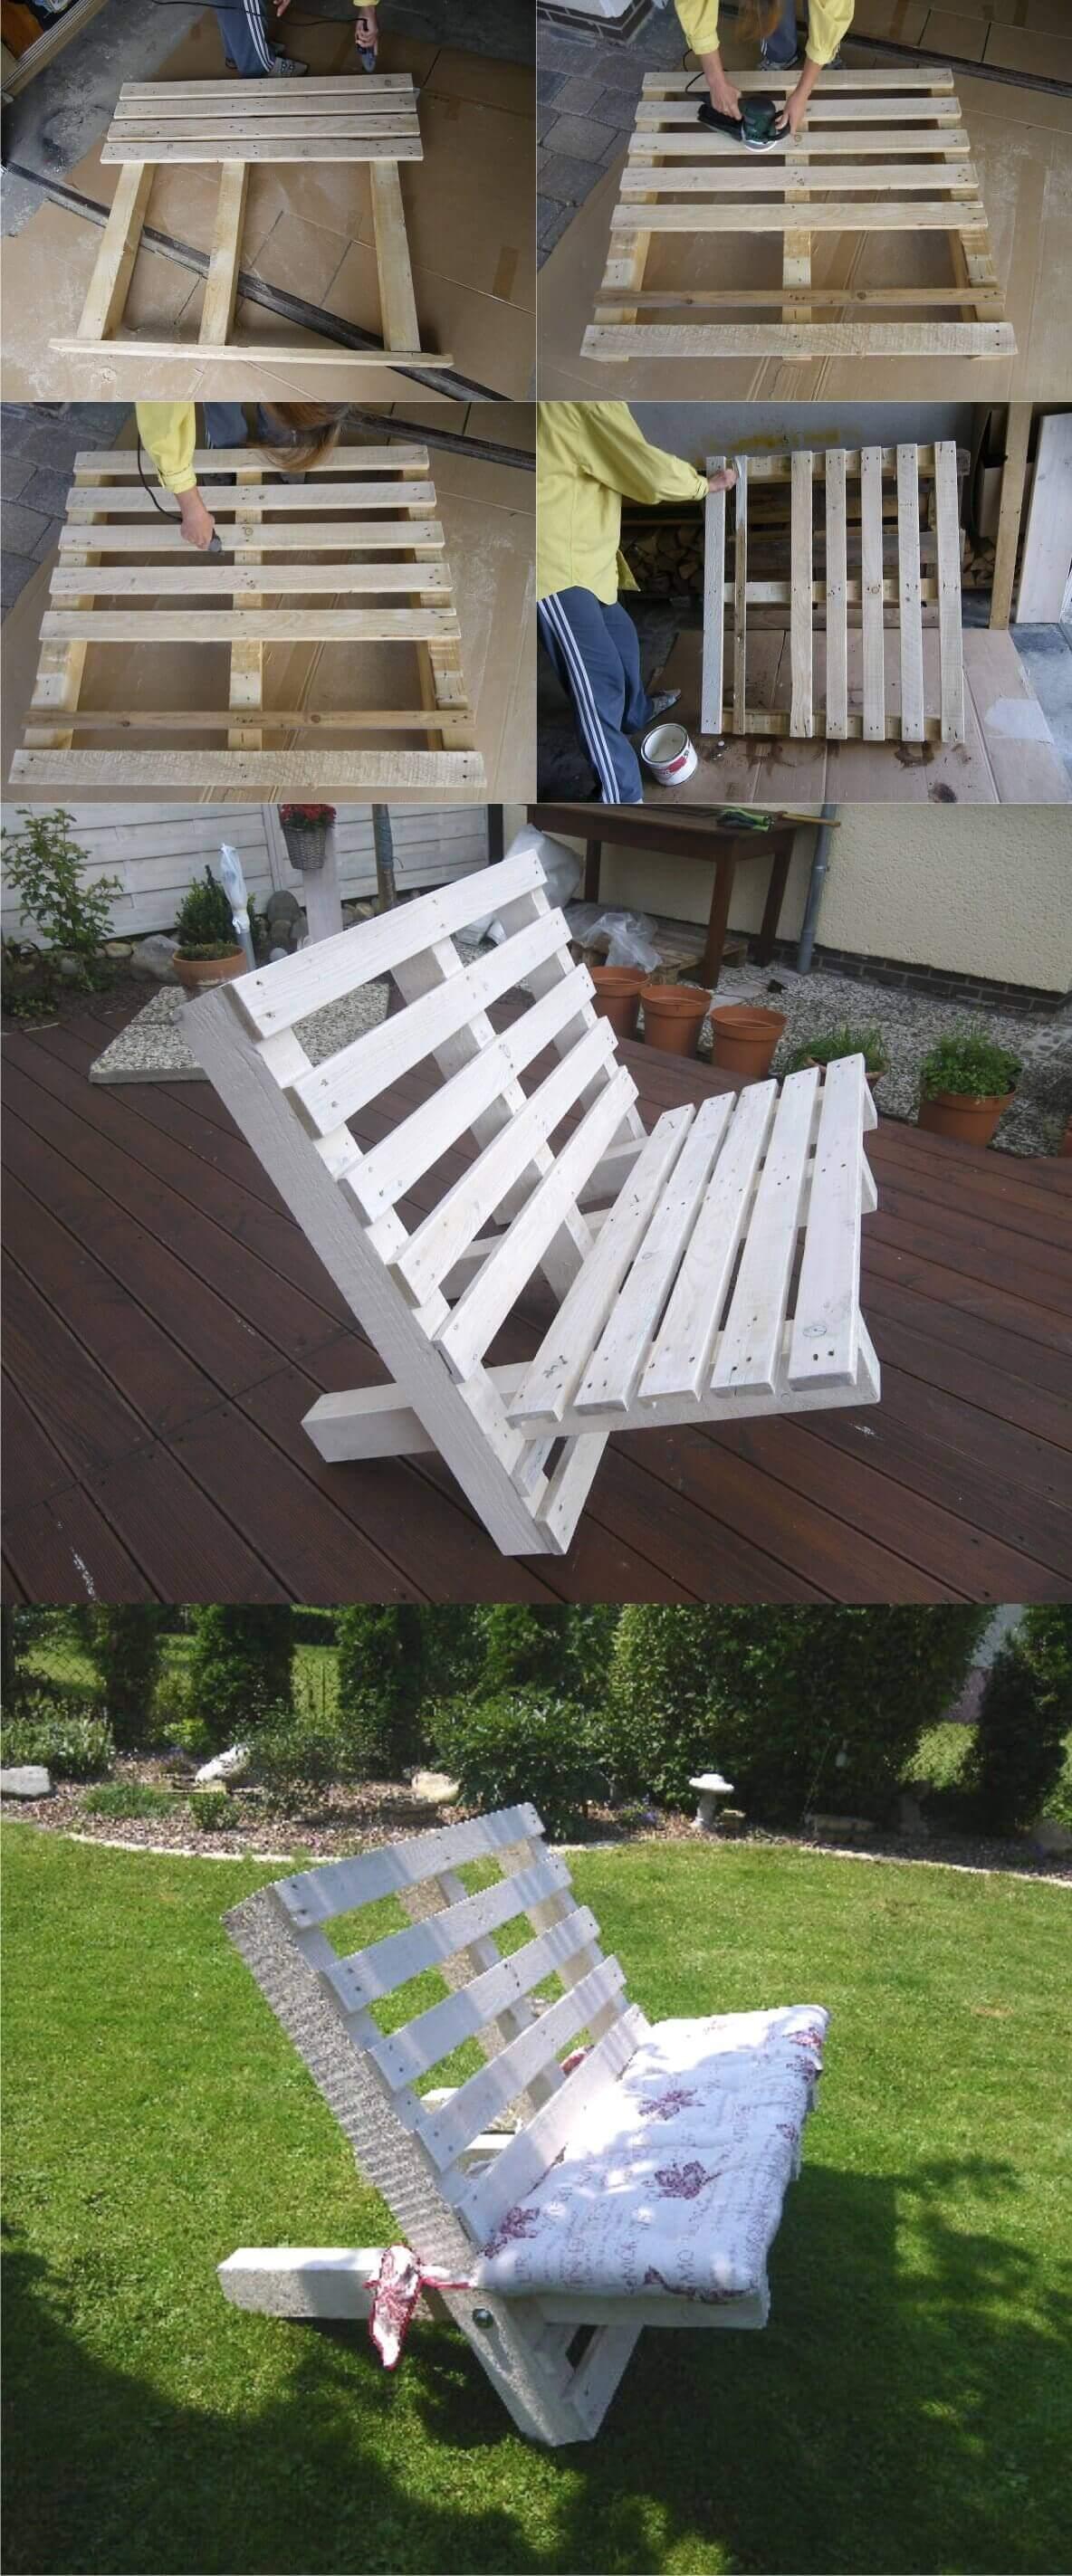 Déco jardin | Des idées DIY pour votre jardin! 20 exemples + ...